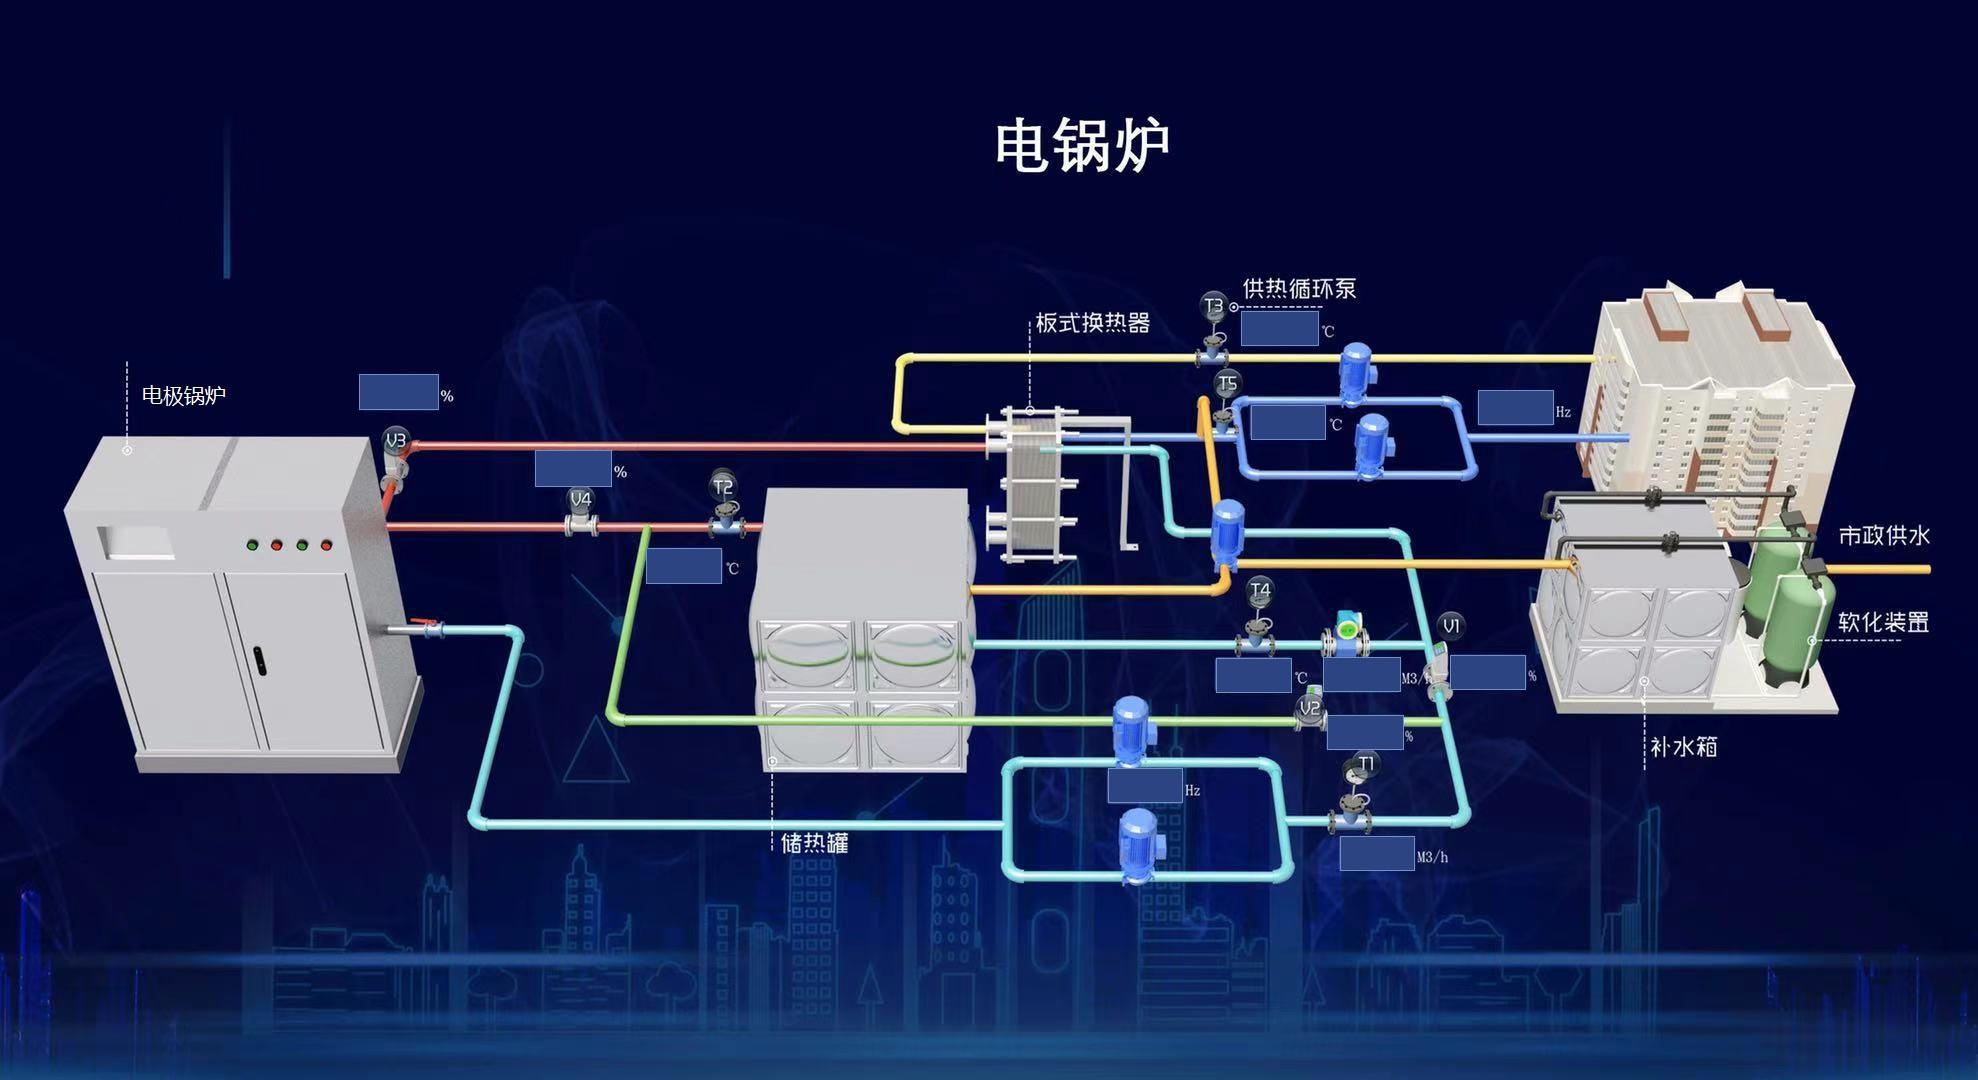 电锅炉蓄热供暖项目解决方案